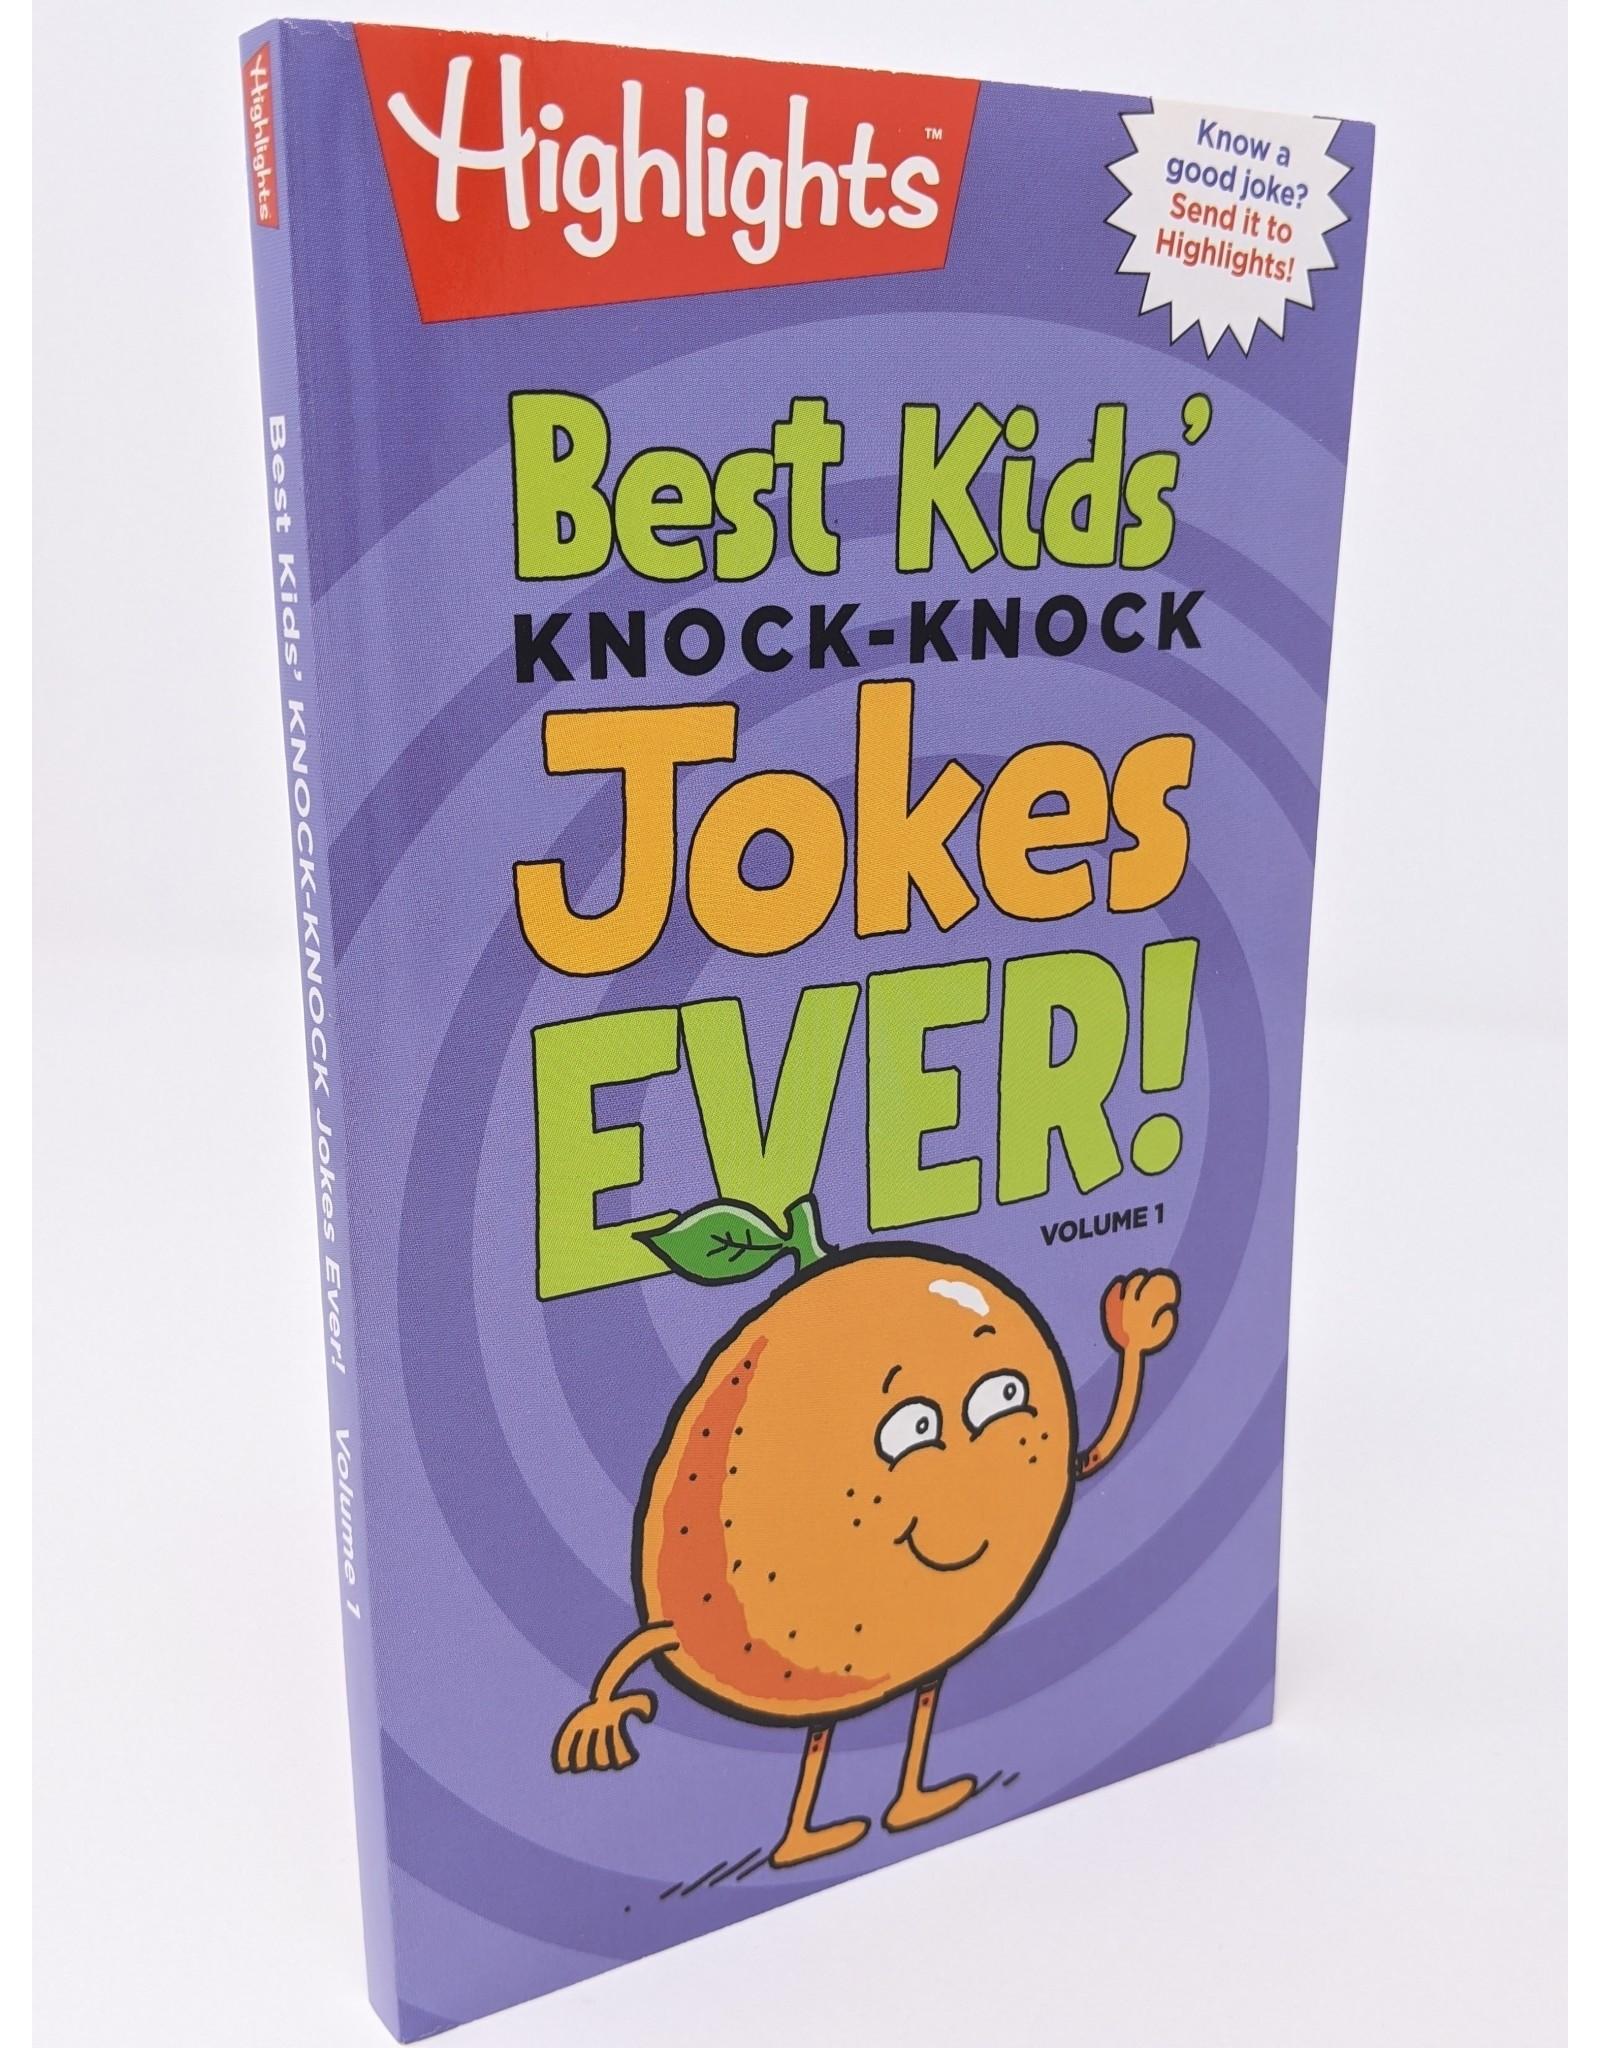 Highlights Best Kids' Knock Knock Jokes Ever! - volume 1